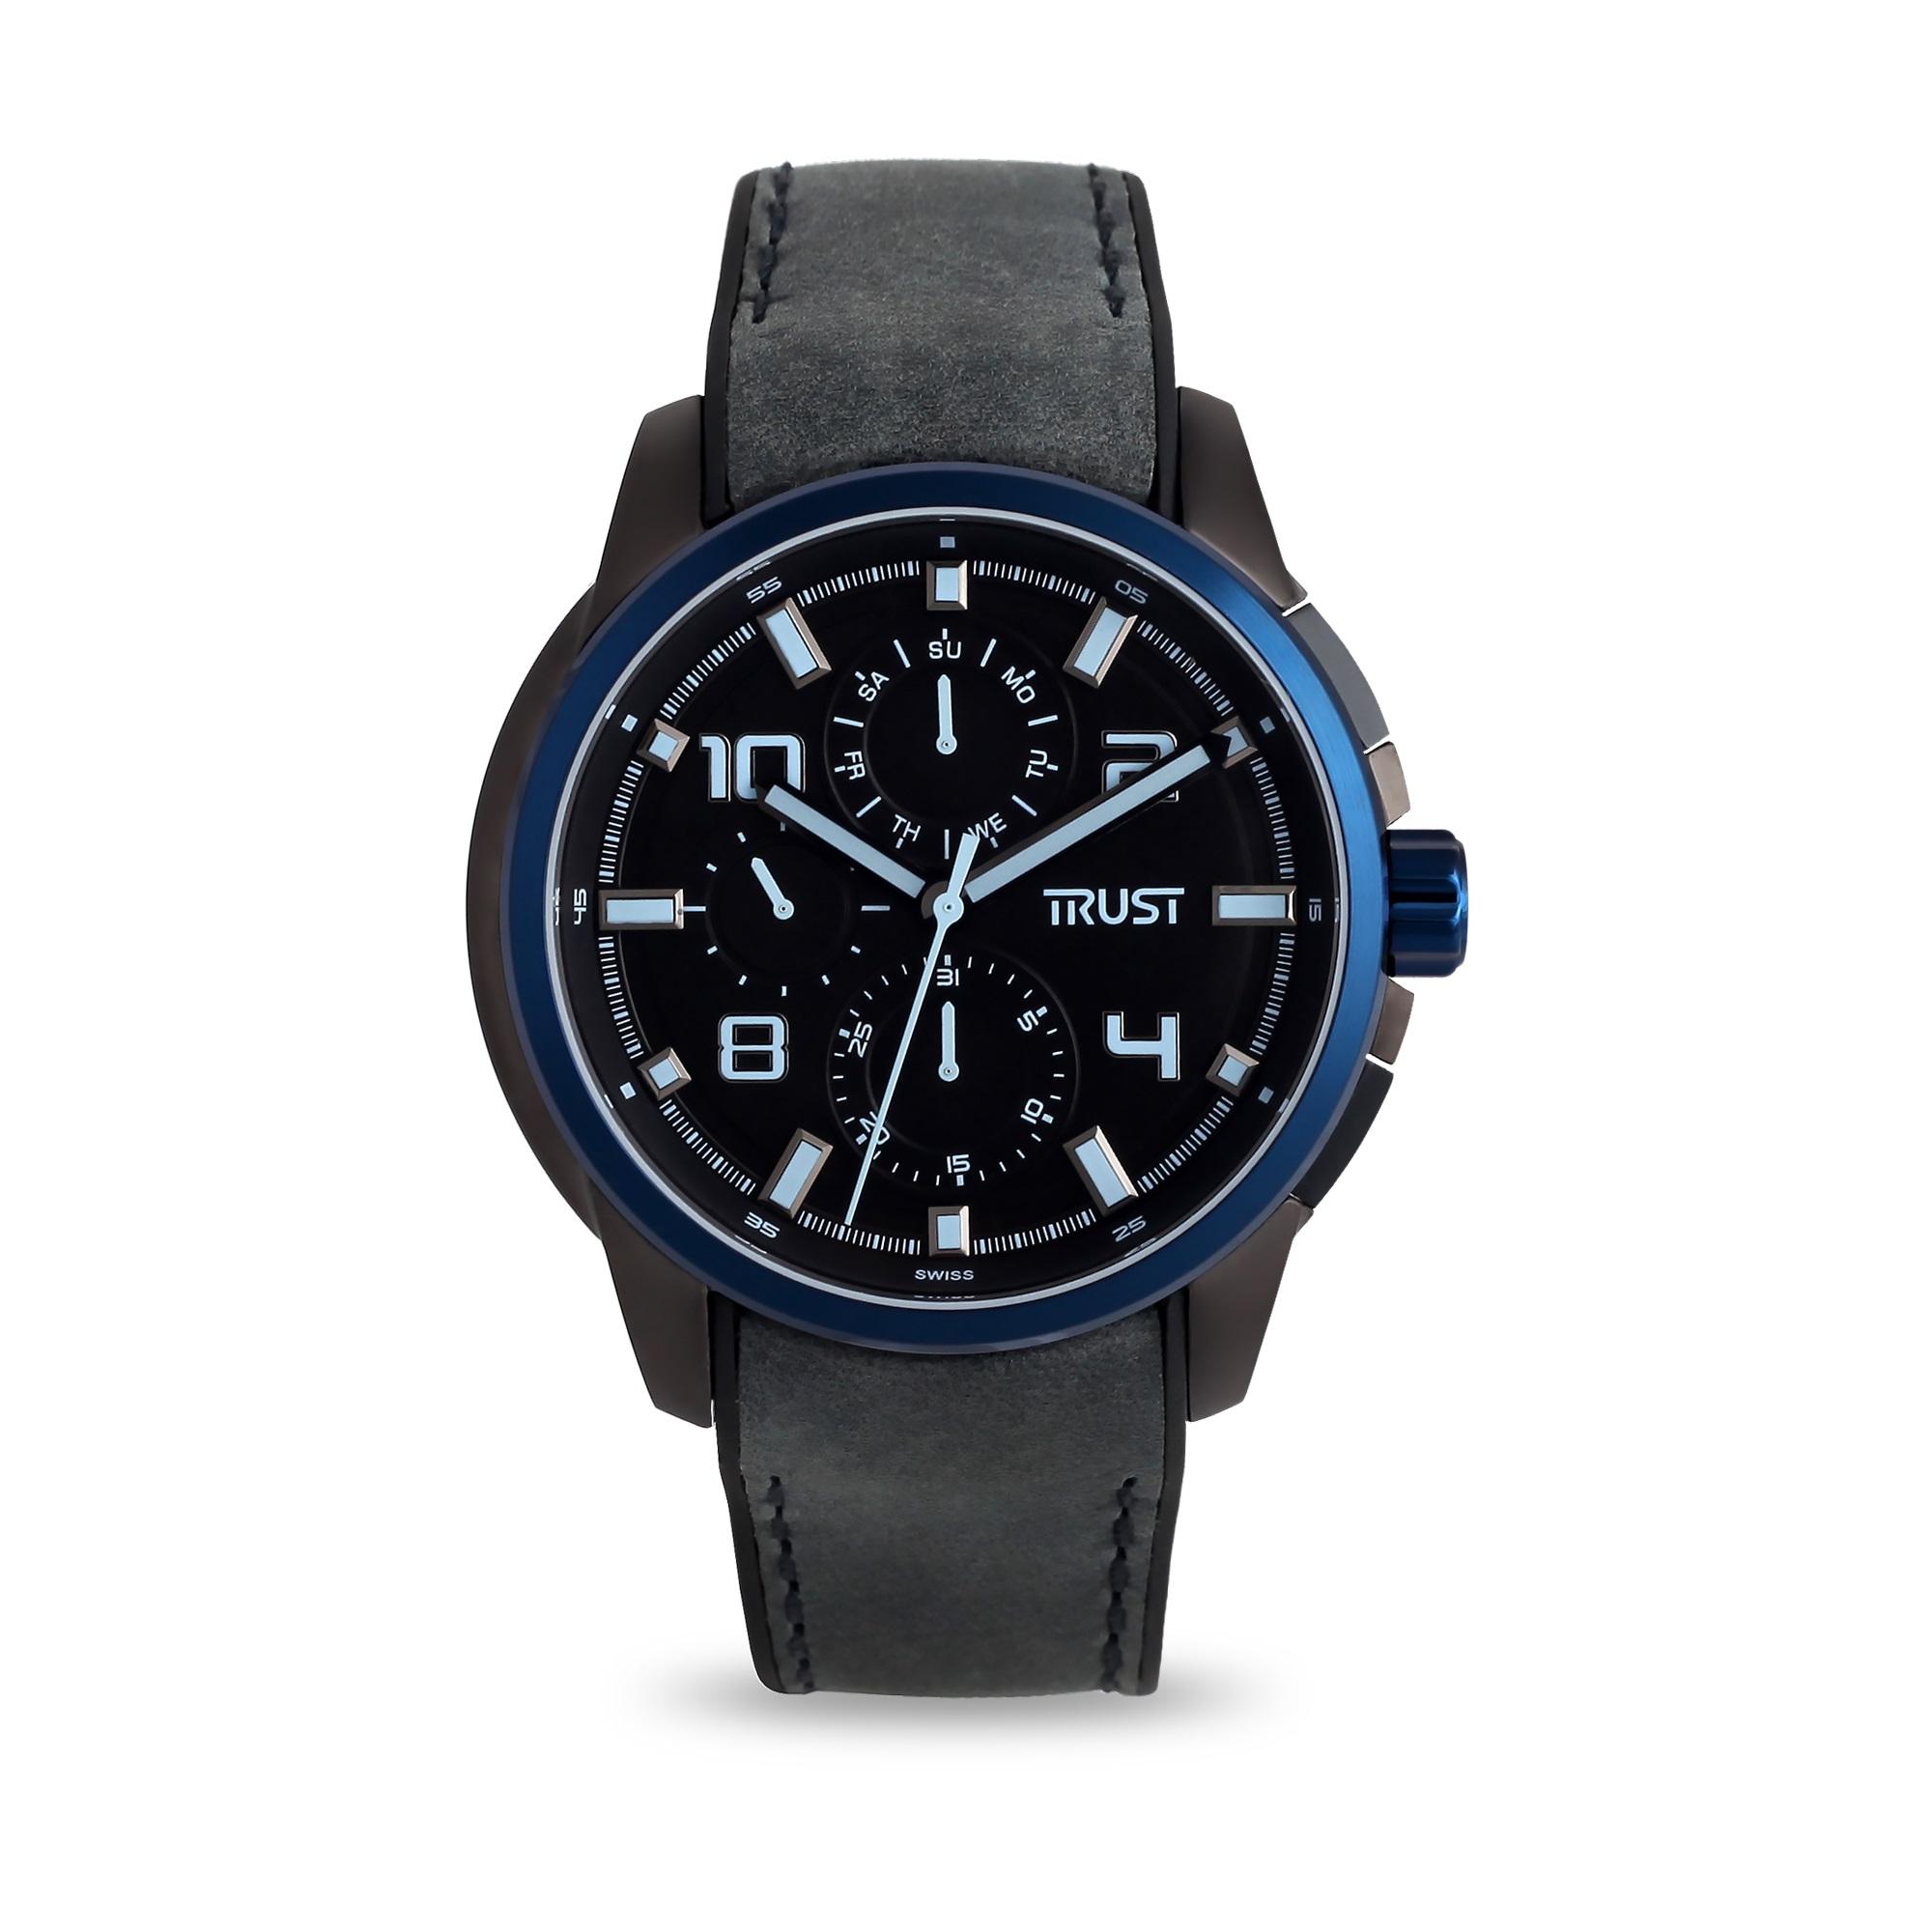 ساعت مچی عقربه ای مردانه تراست مدل G482FSD 38